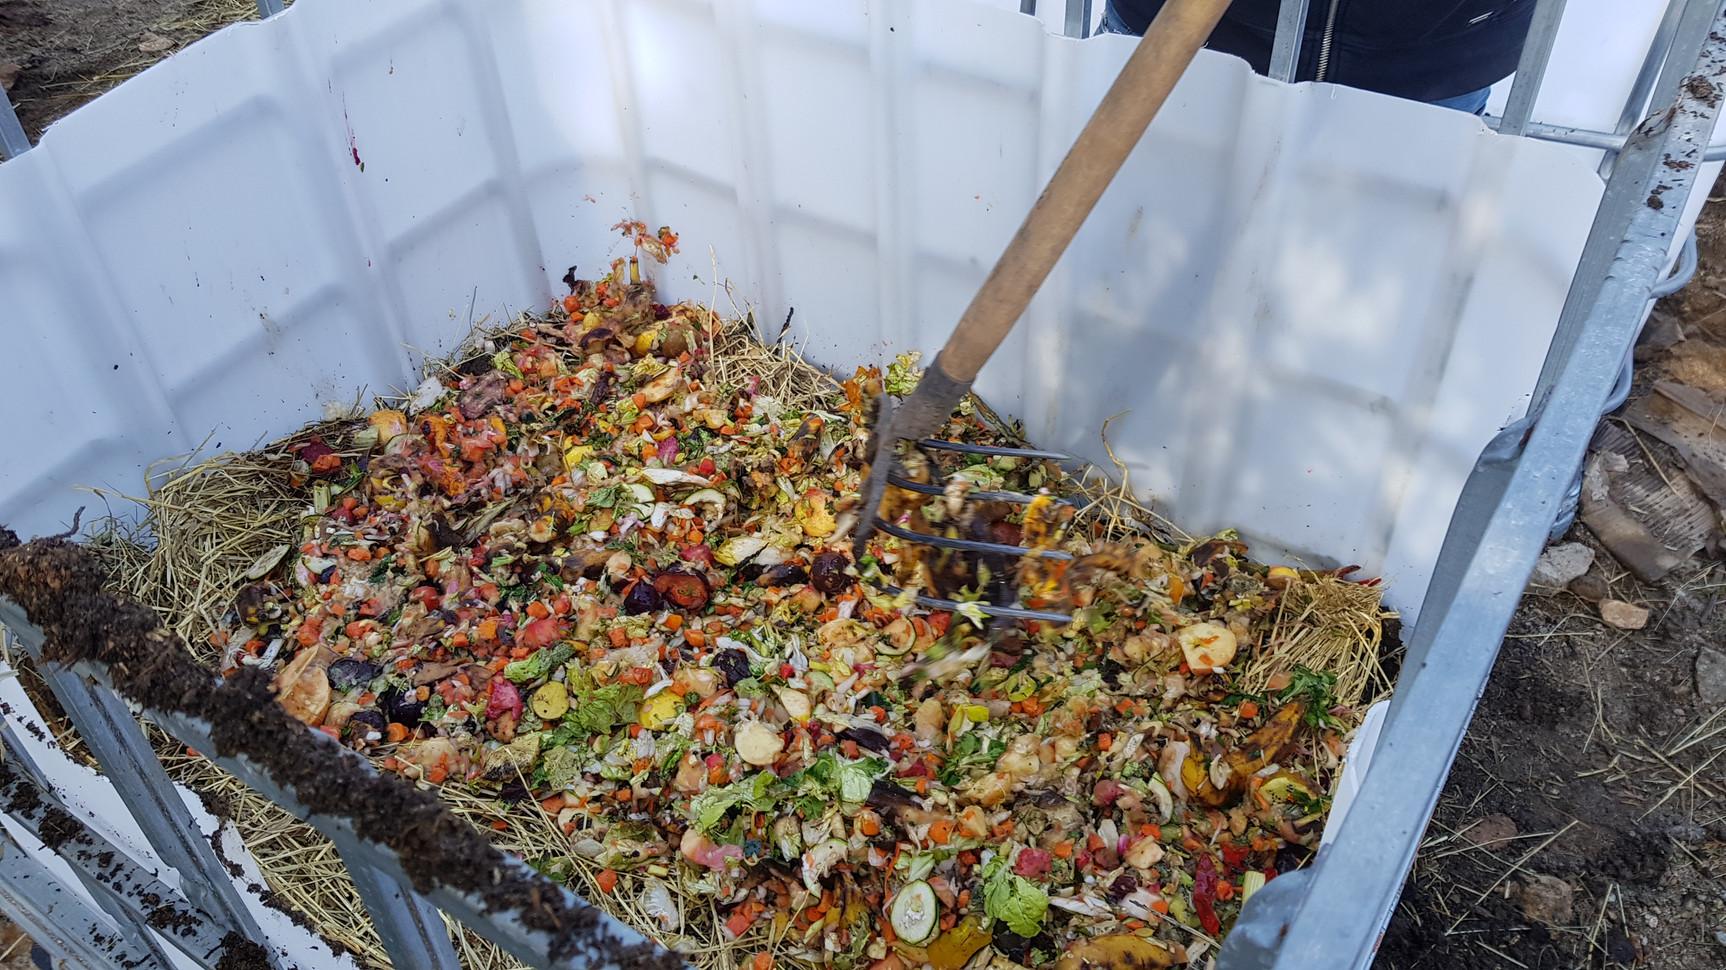 Recyclage des dechets de super marché par les vers de terre...